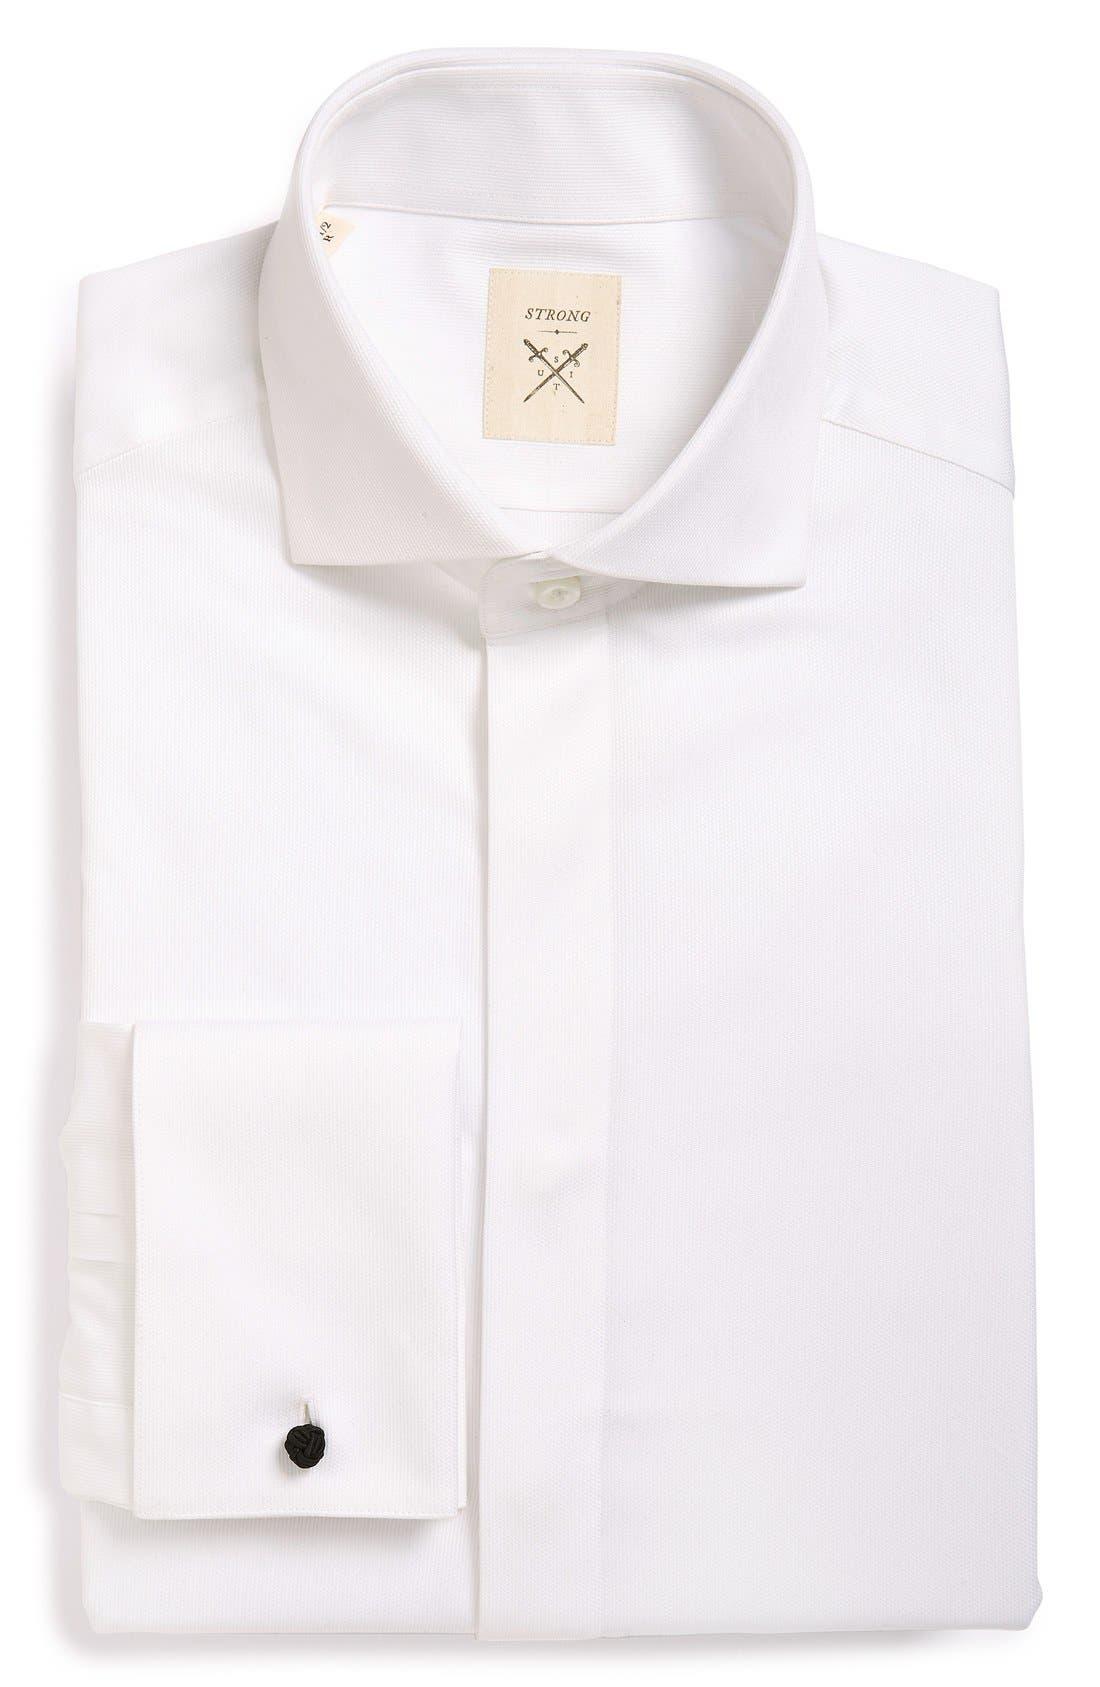 Strong Suit 'Pique' Trim Fit Tuxedo Shirt